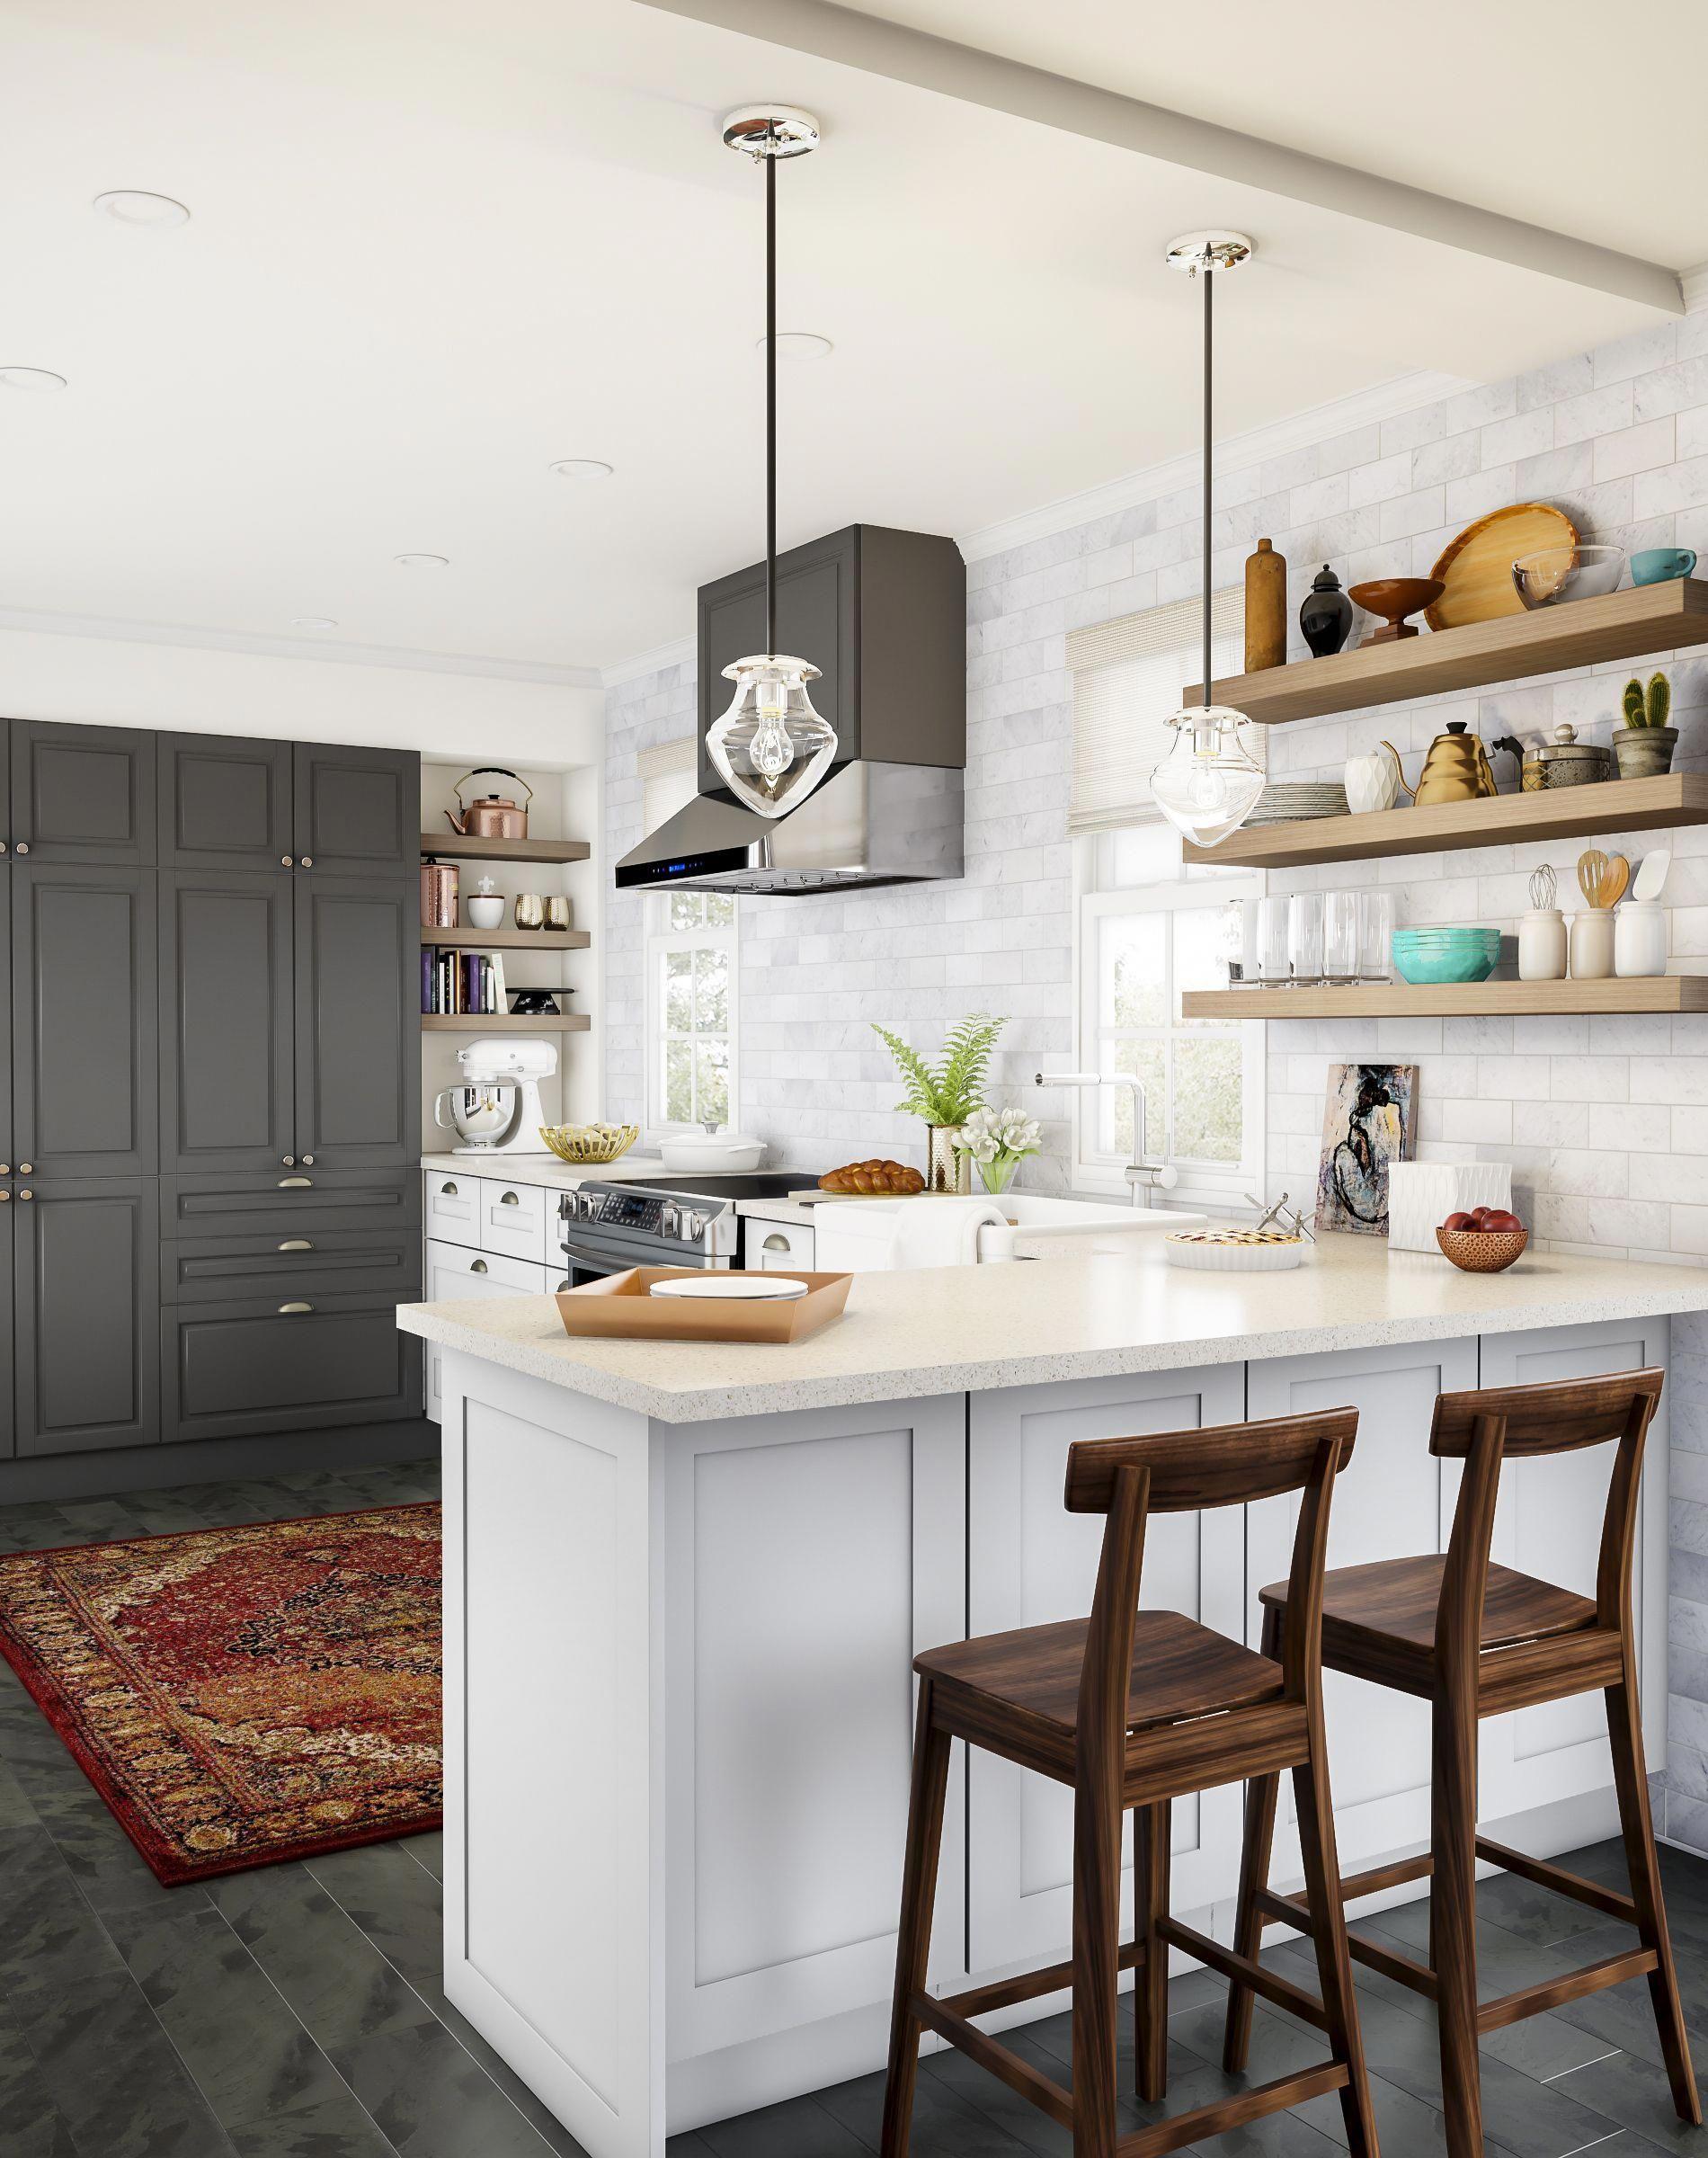 Tuscan decor new home kitchen designs different kitchen design ideas 20190309